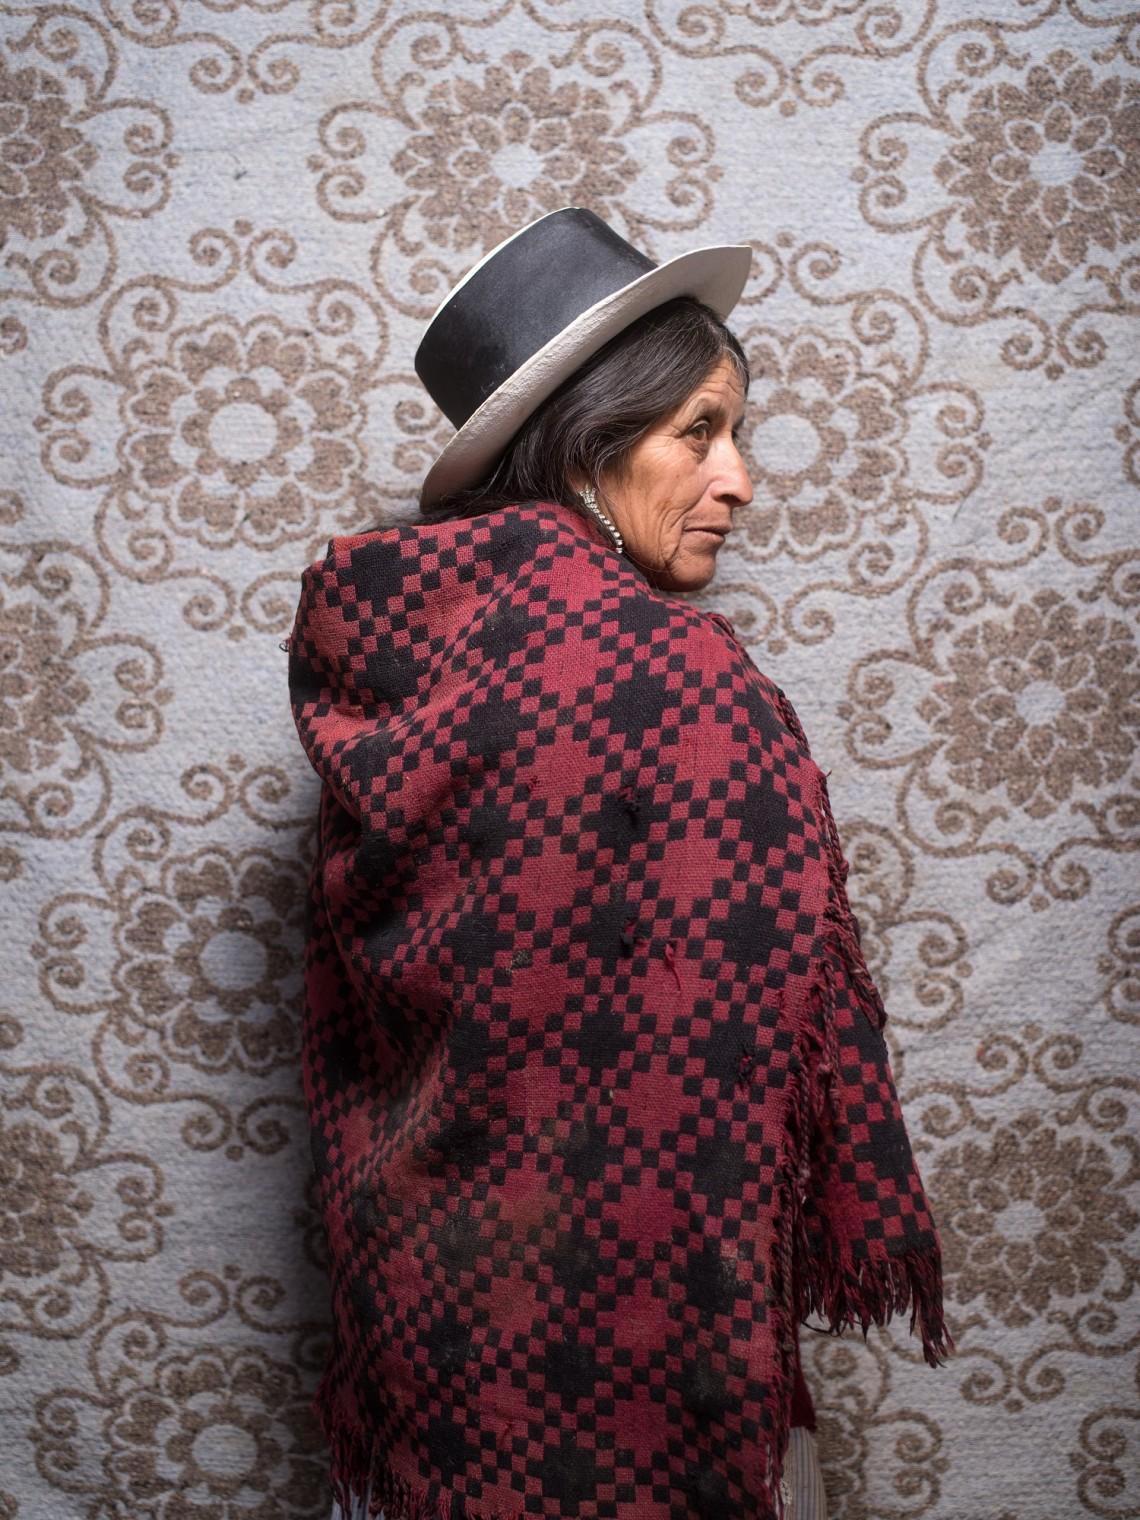 迪奥尼西娅·卡尔德龙(Dionisia Calderon),54岁,秘鲁,阿亚库乔